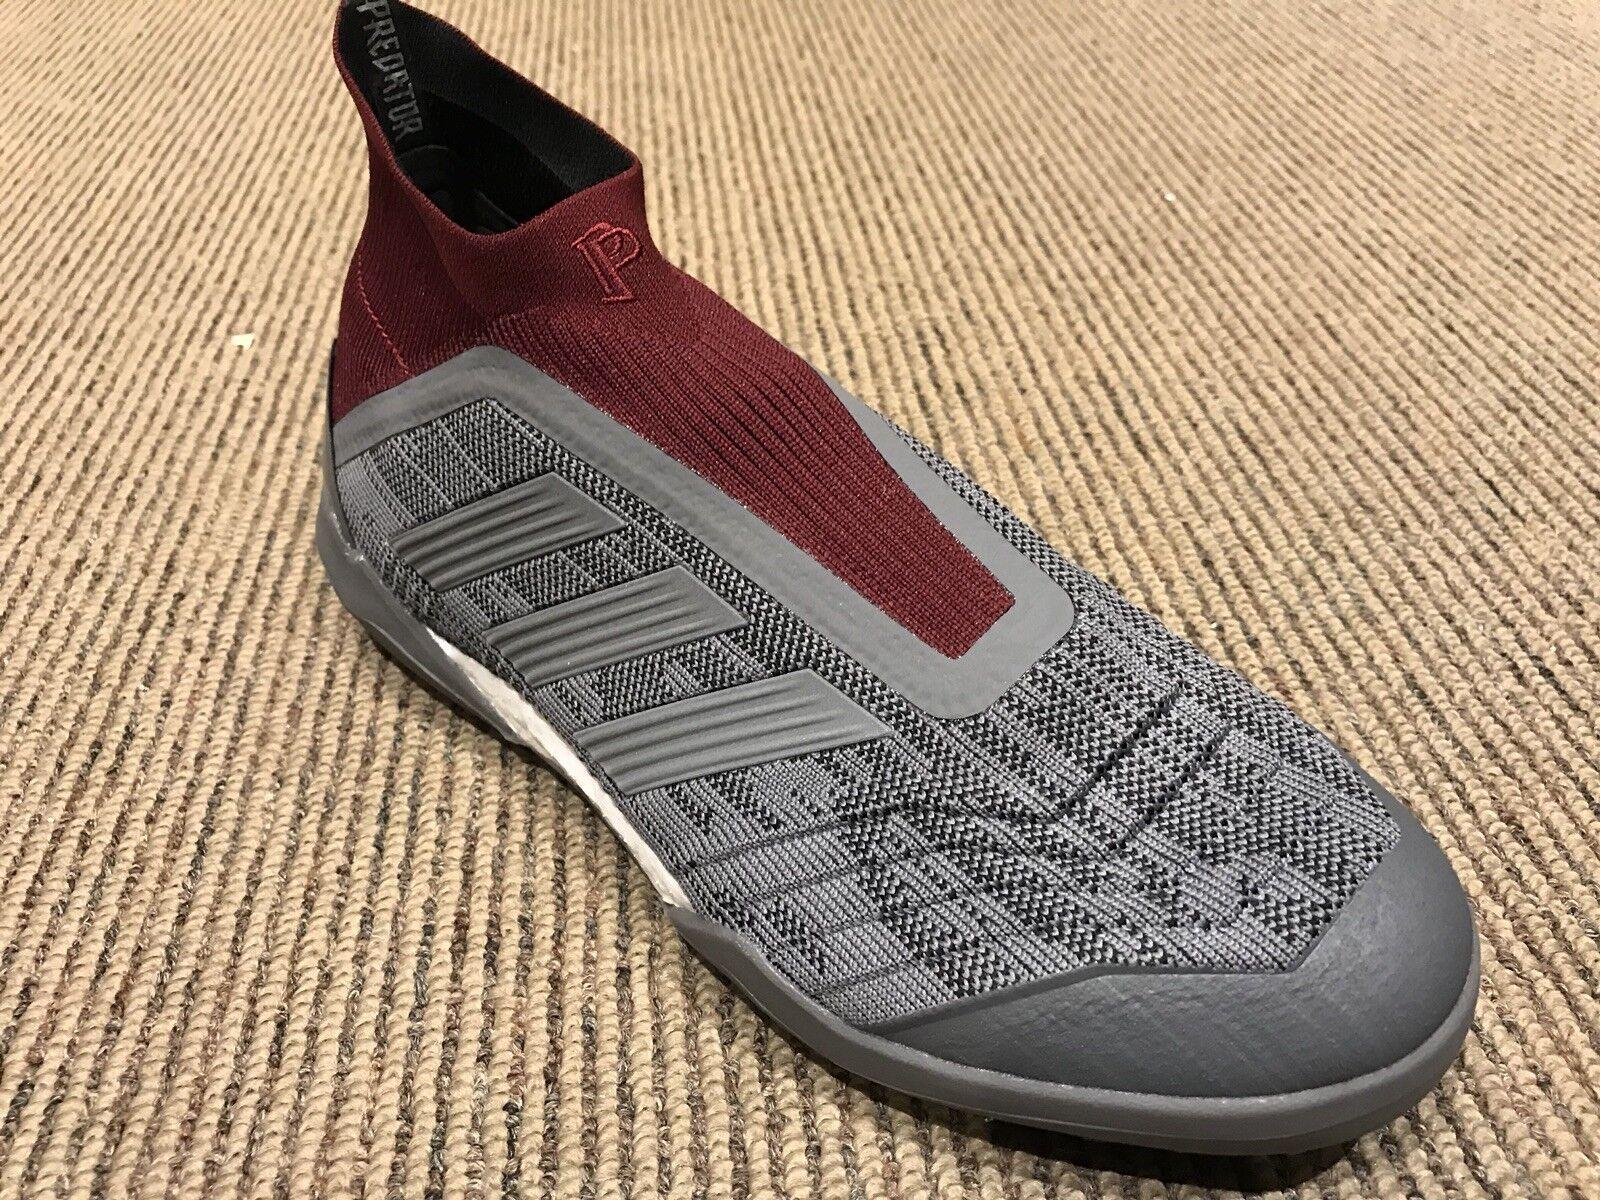 Adidas Paul Wasted Deprojoador 18+ Turf Talla 9 EE. UU.